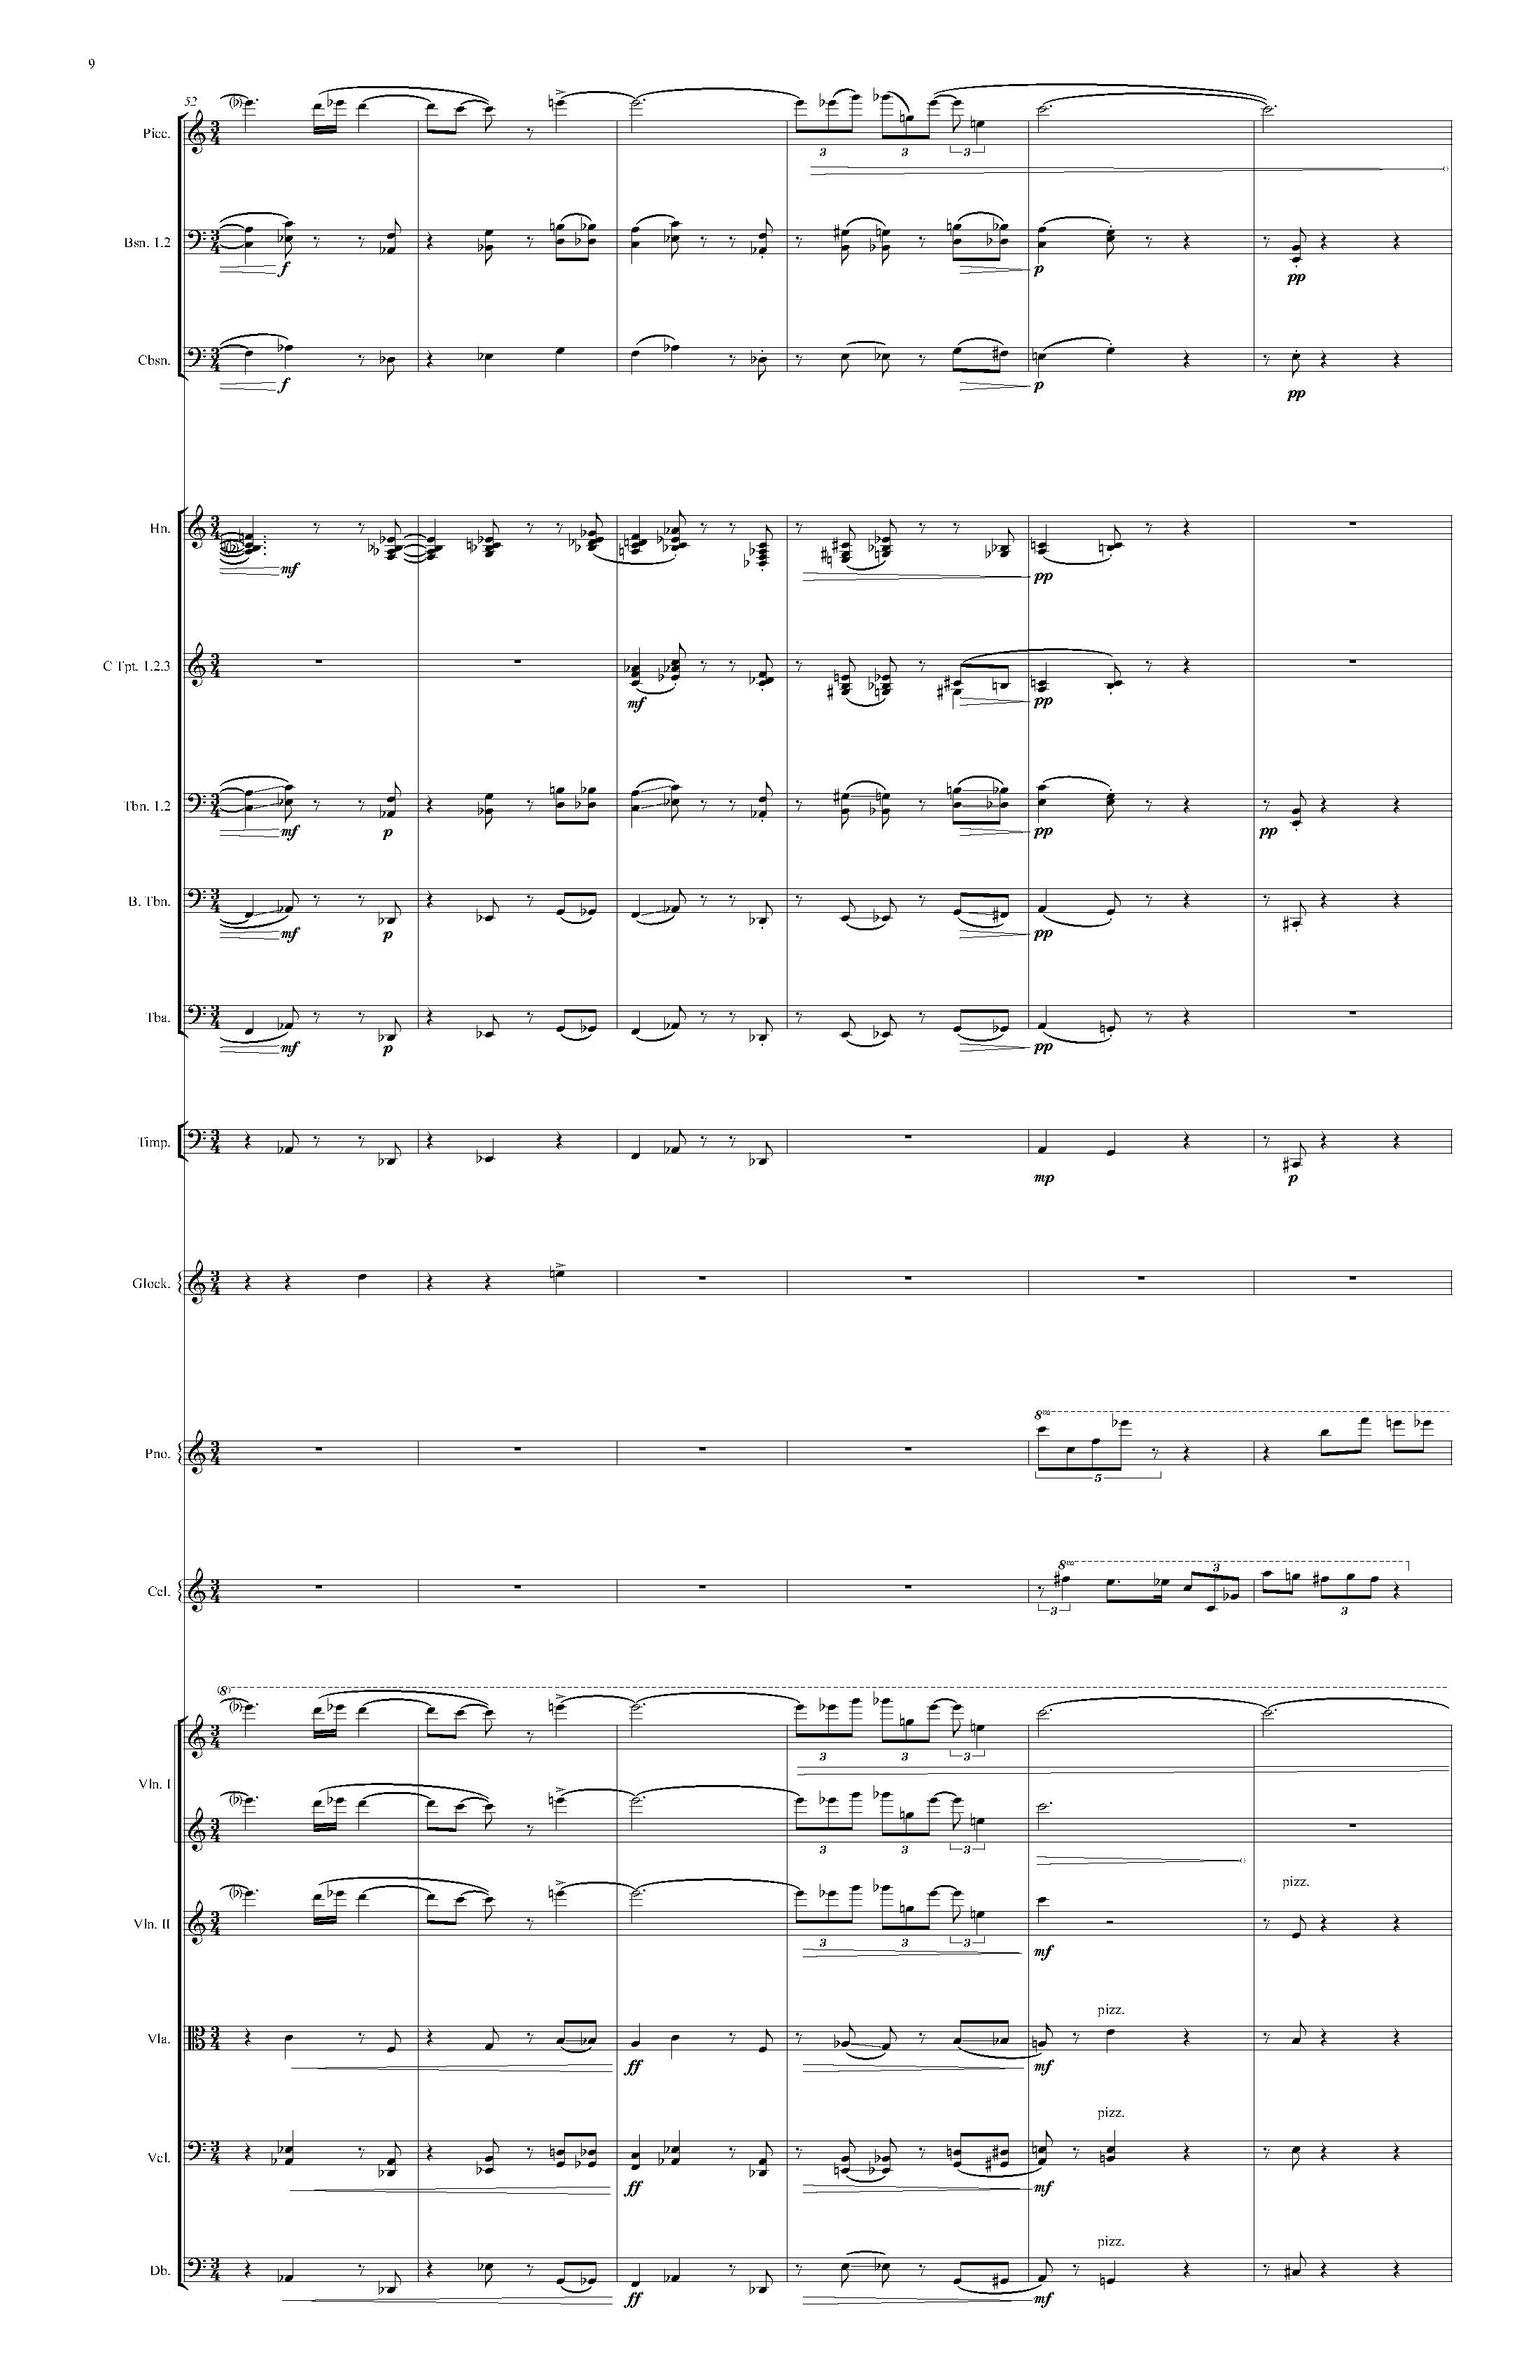 Kolmanskop 4-4-17 score - Full Score_Seite_12.jpg